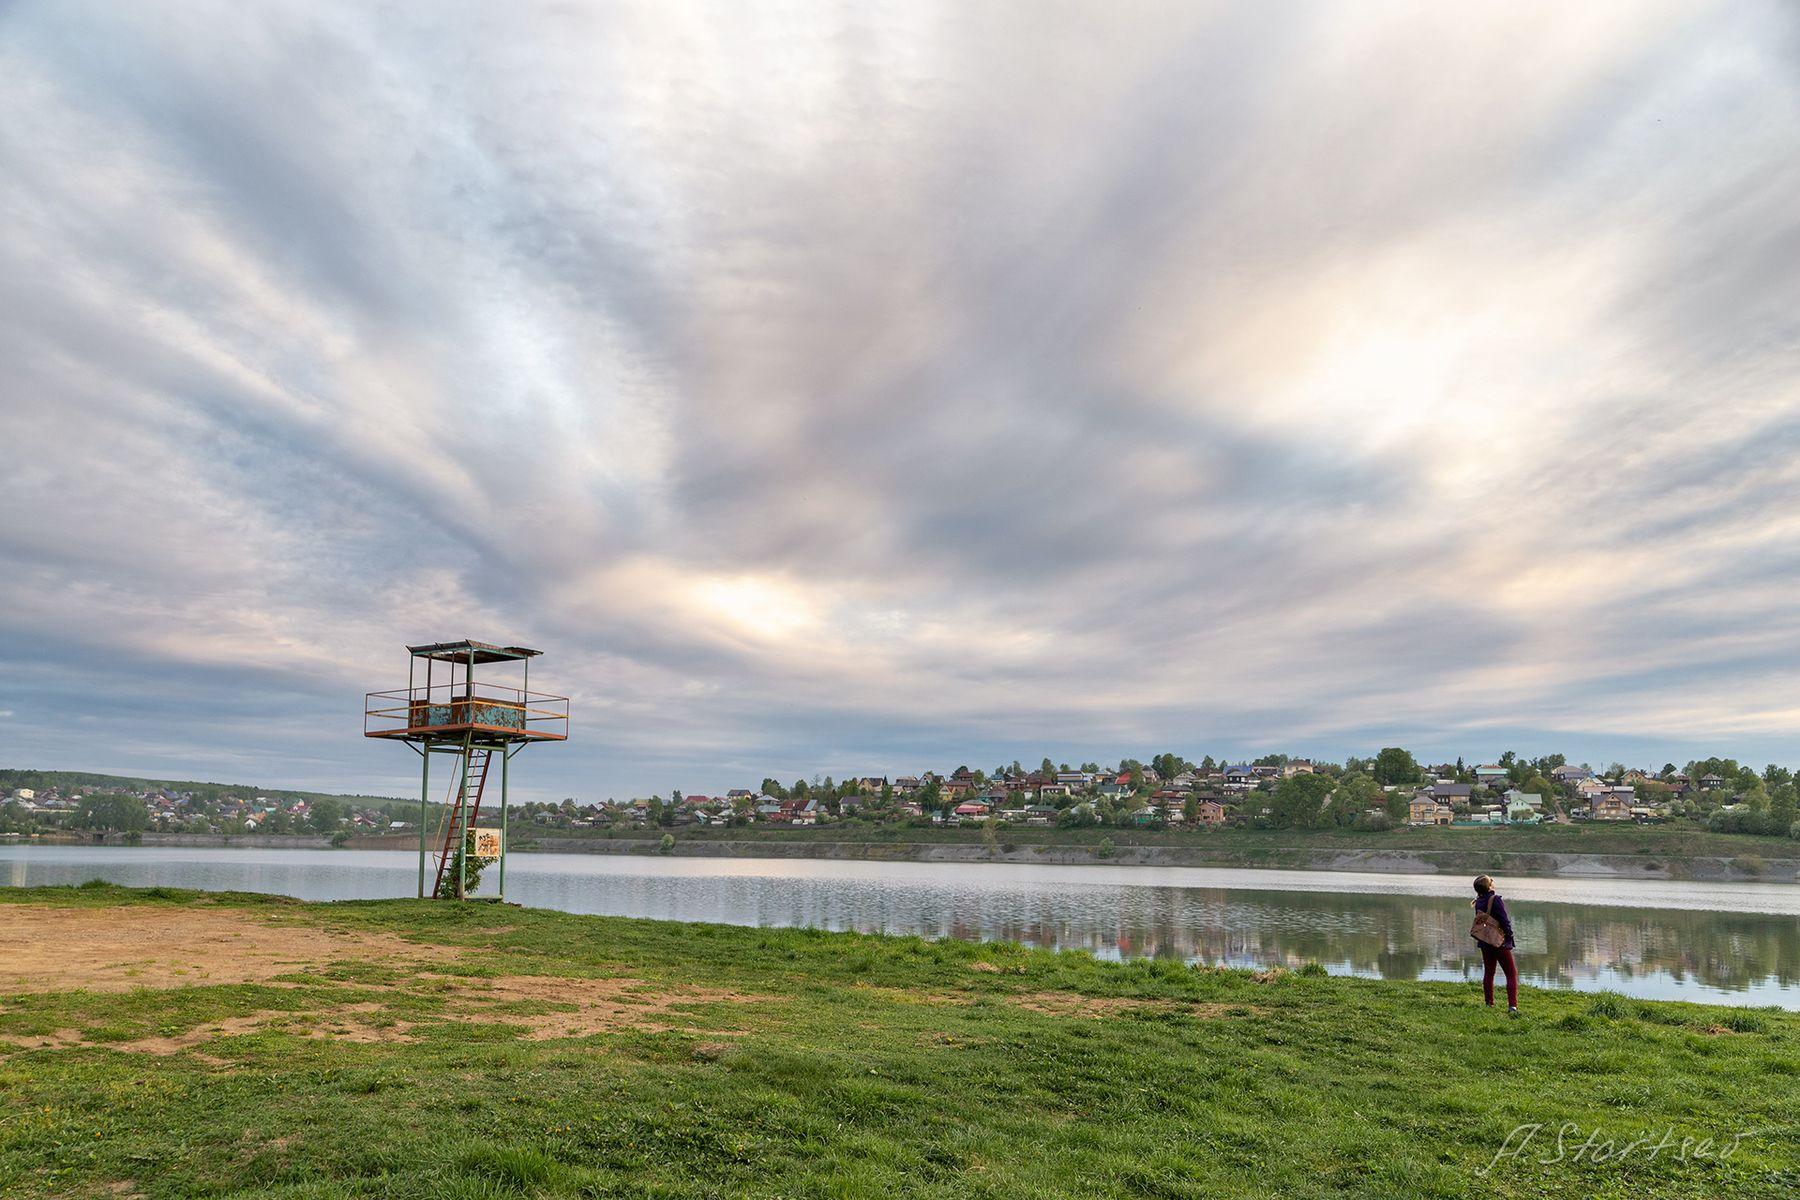 Берег пруда весна озеро пруд вода отражение Пермский_край пейзаж природа небо облака Лысьва вечер